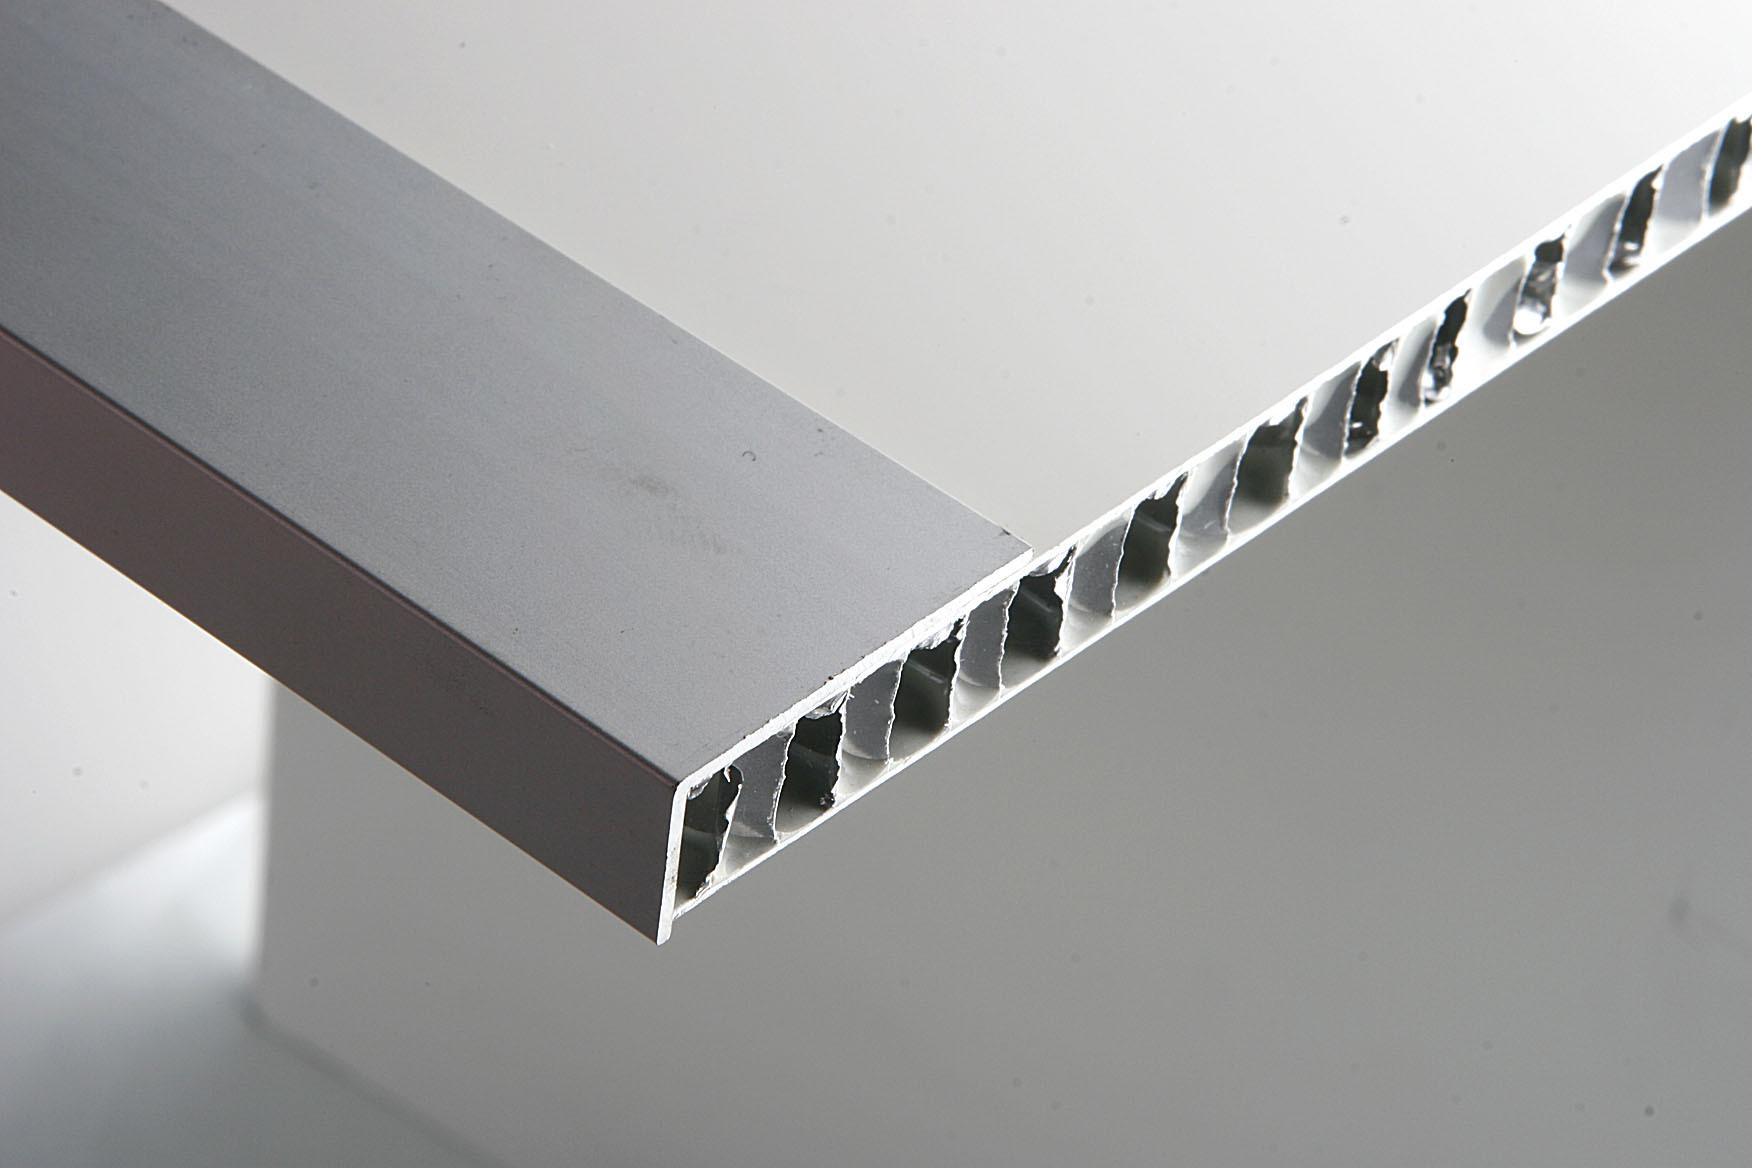 铝蜂窝板规格介绍和用途,蜂窝铝板安装方式和